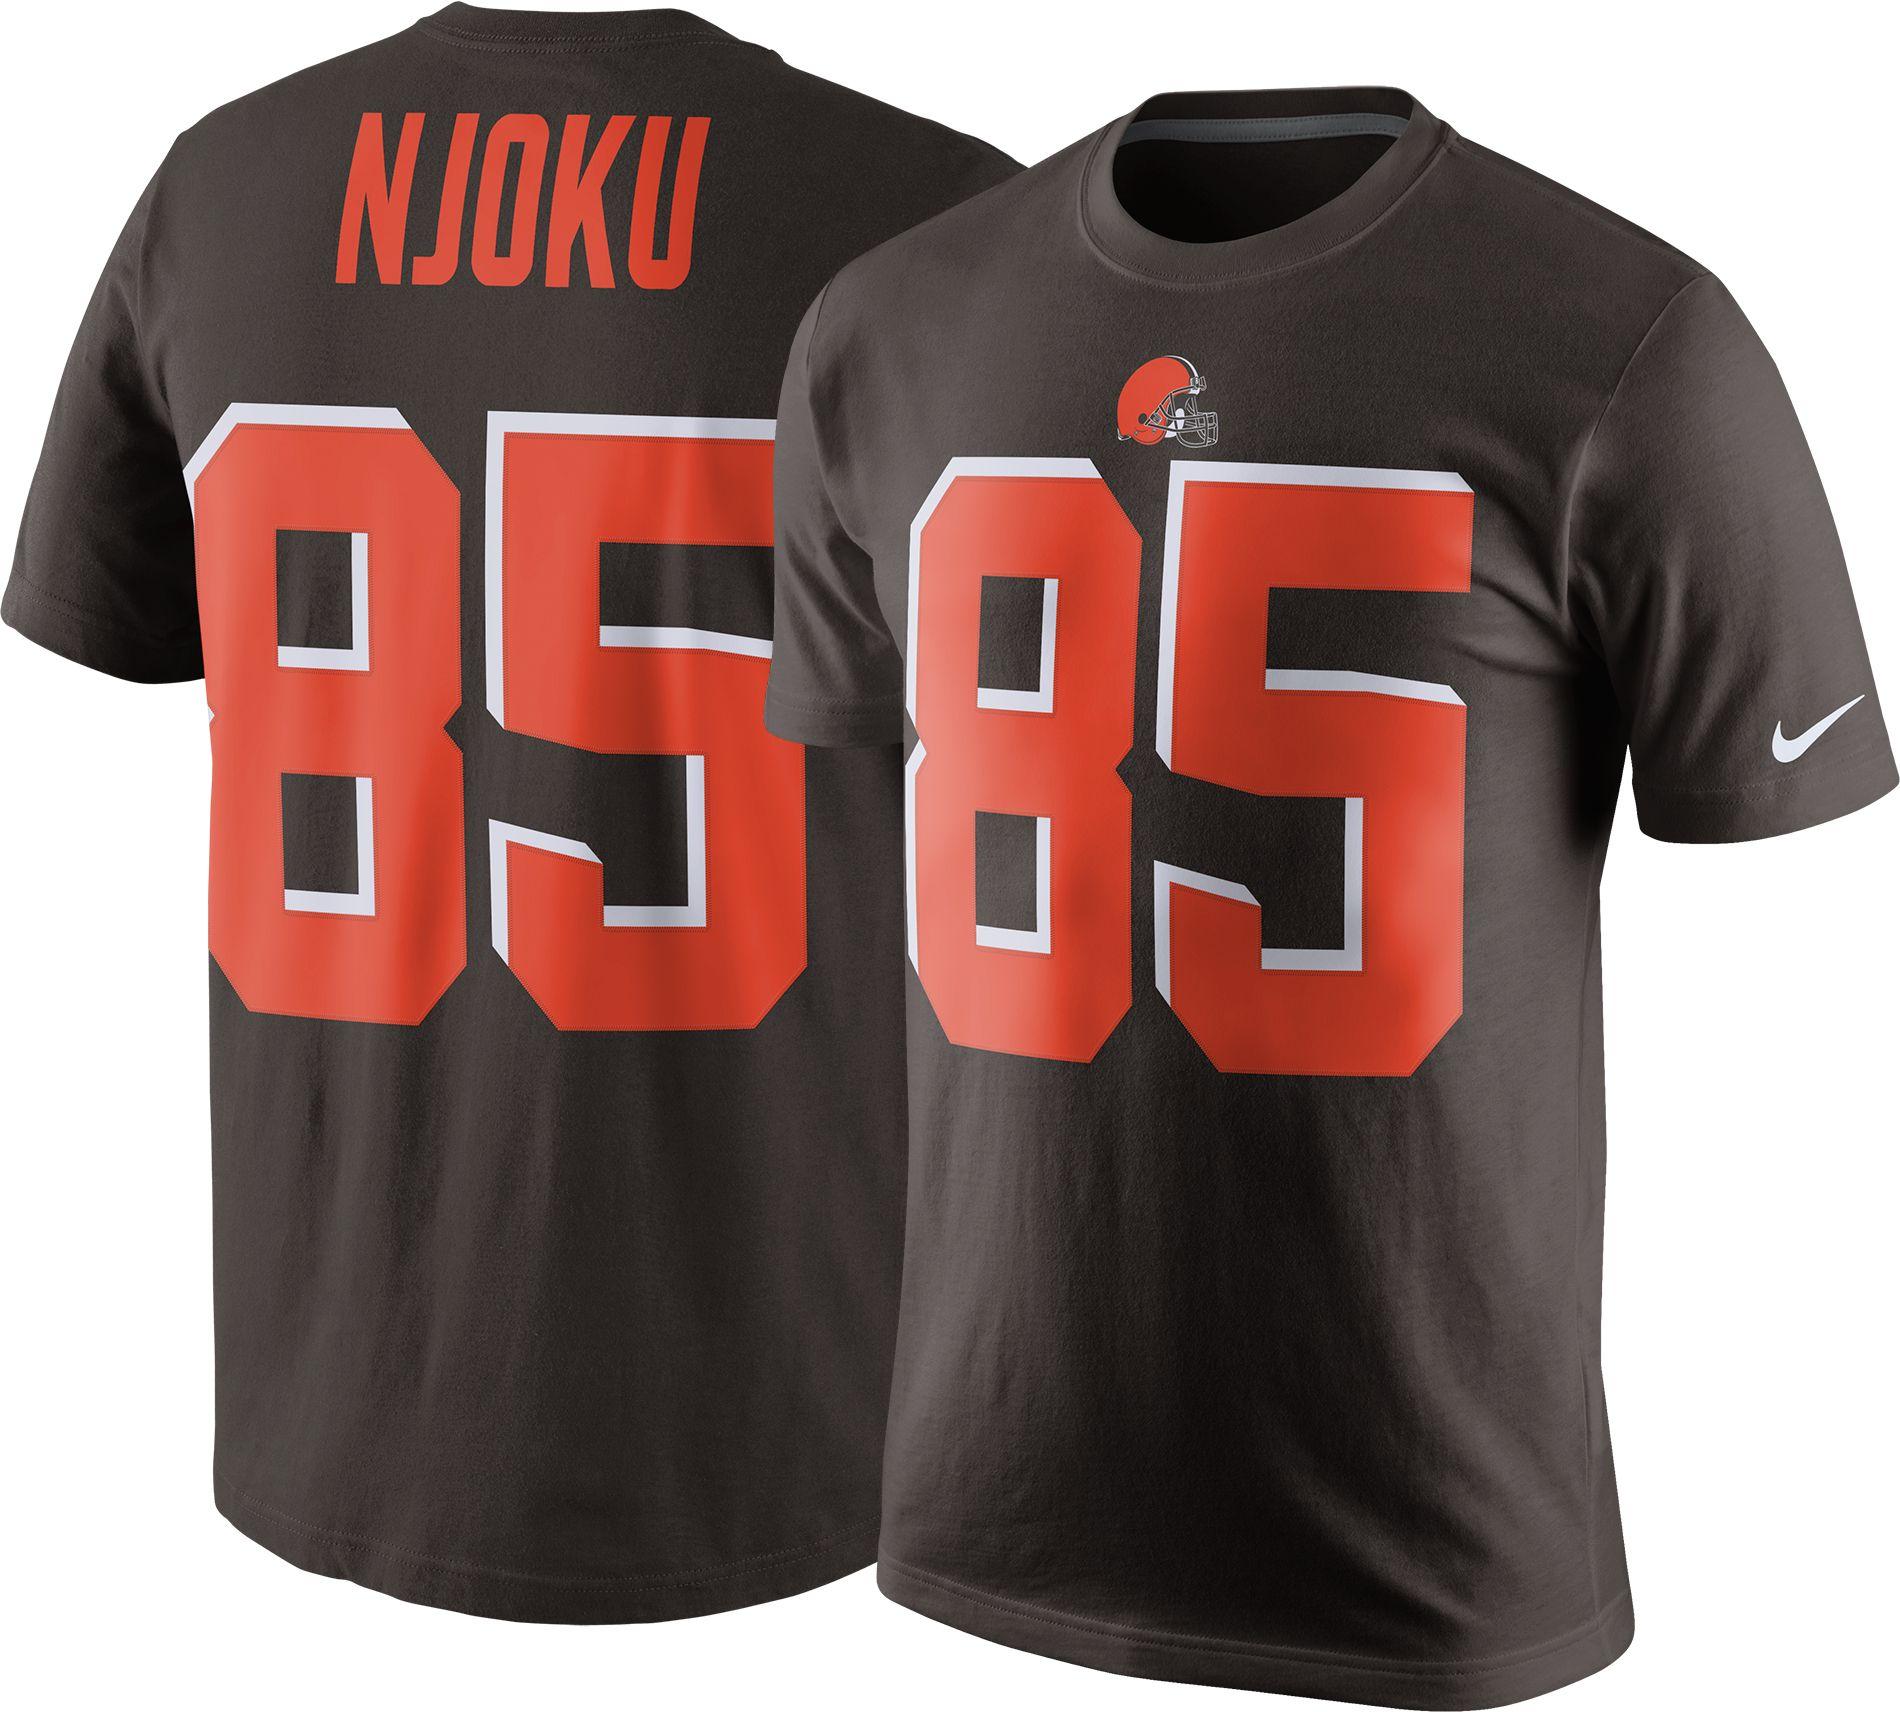 David Njoku NFL Jersey